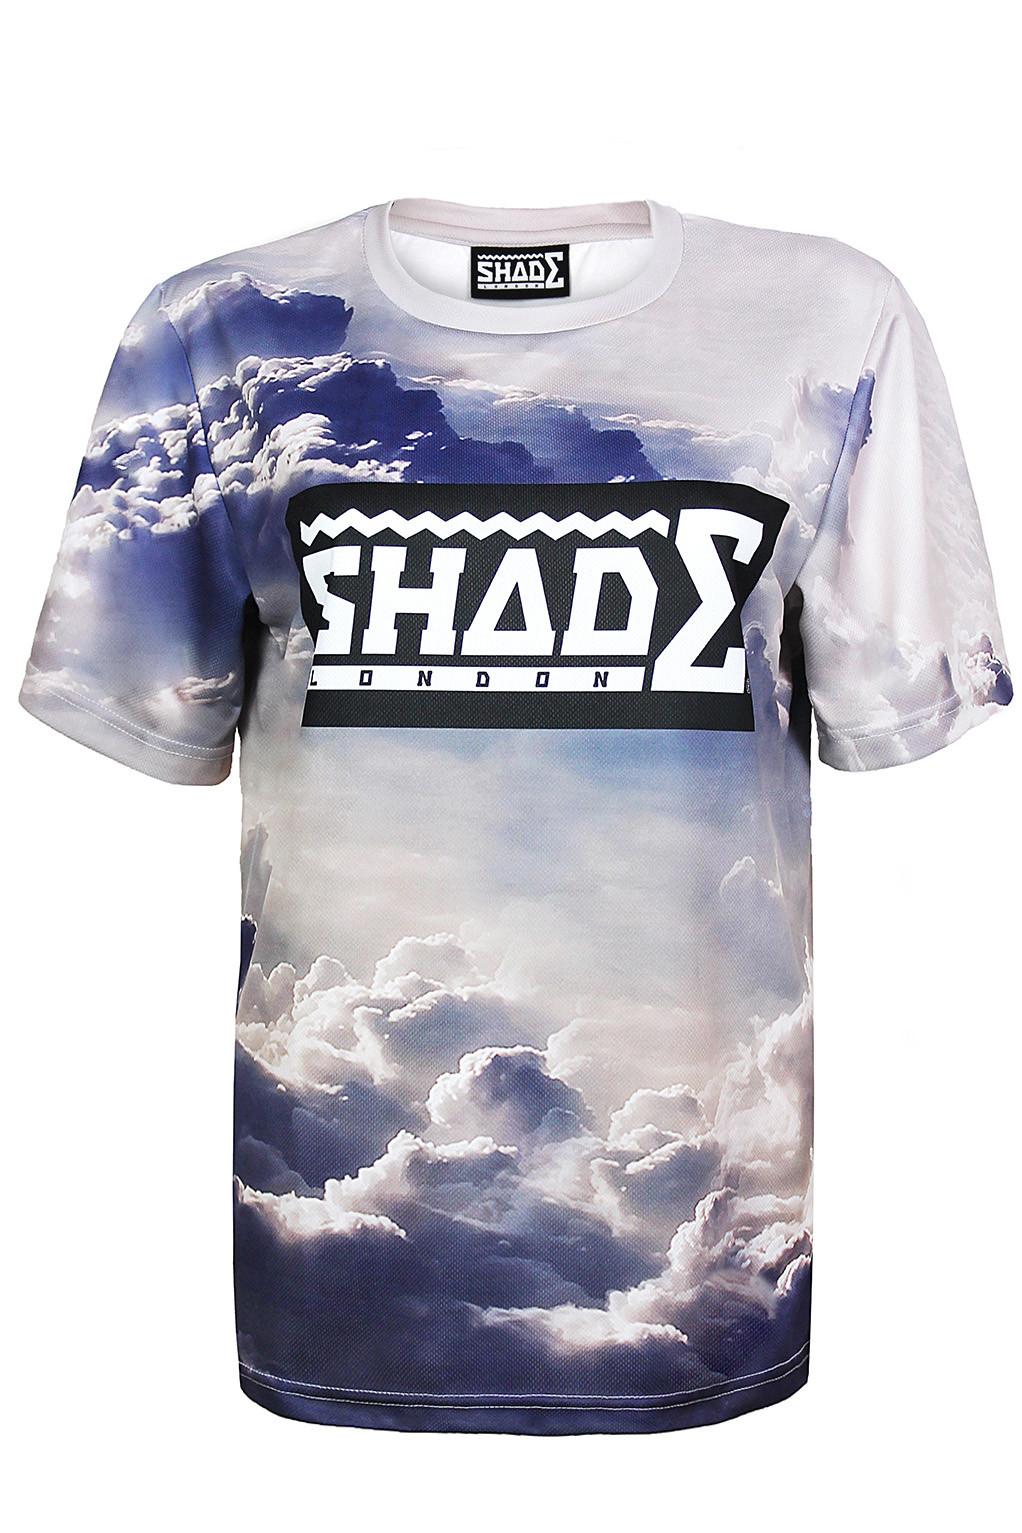 Tshirts ? shade london